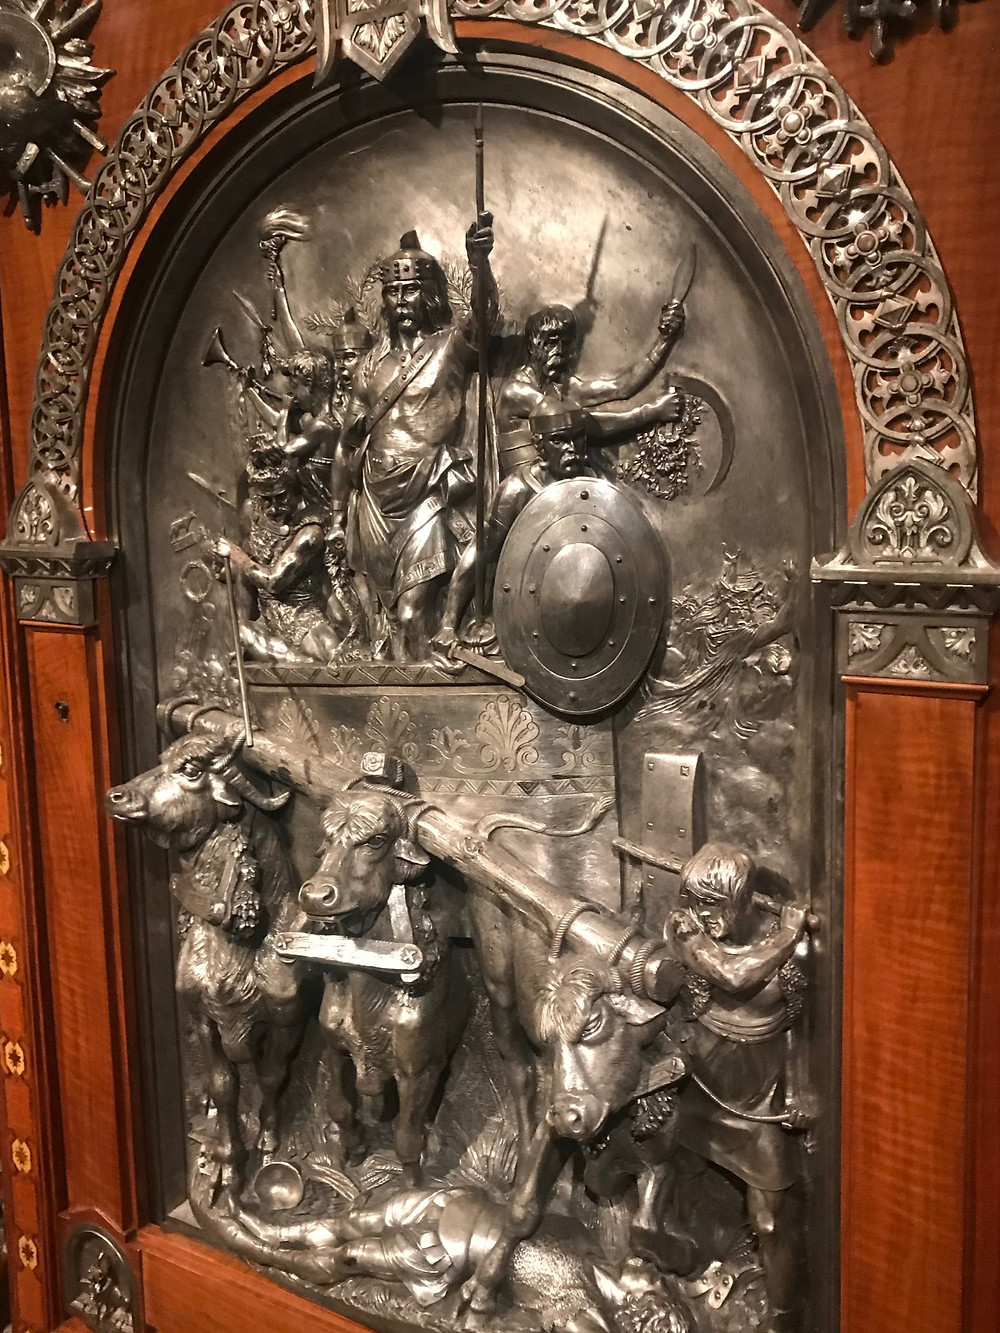 Sculpture on a wardrobe door at The Met